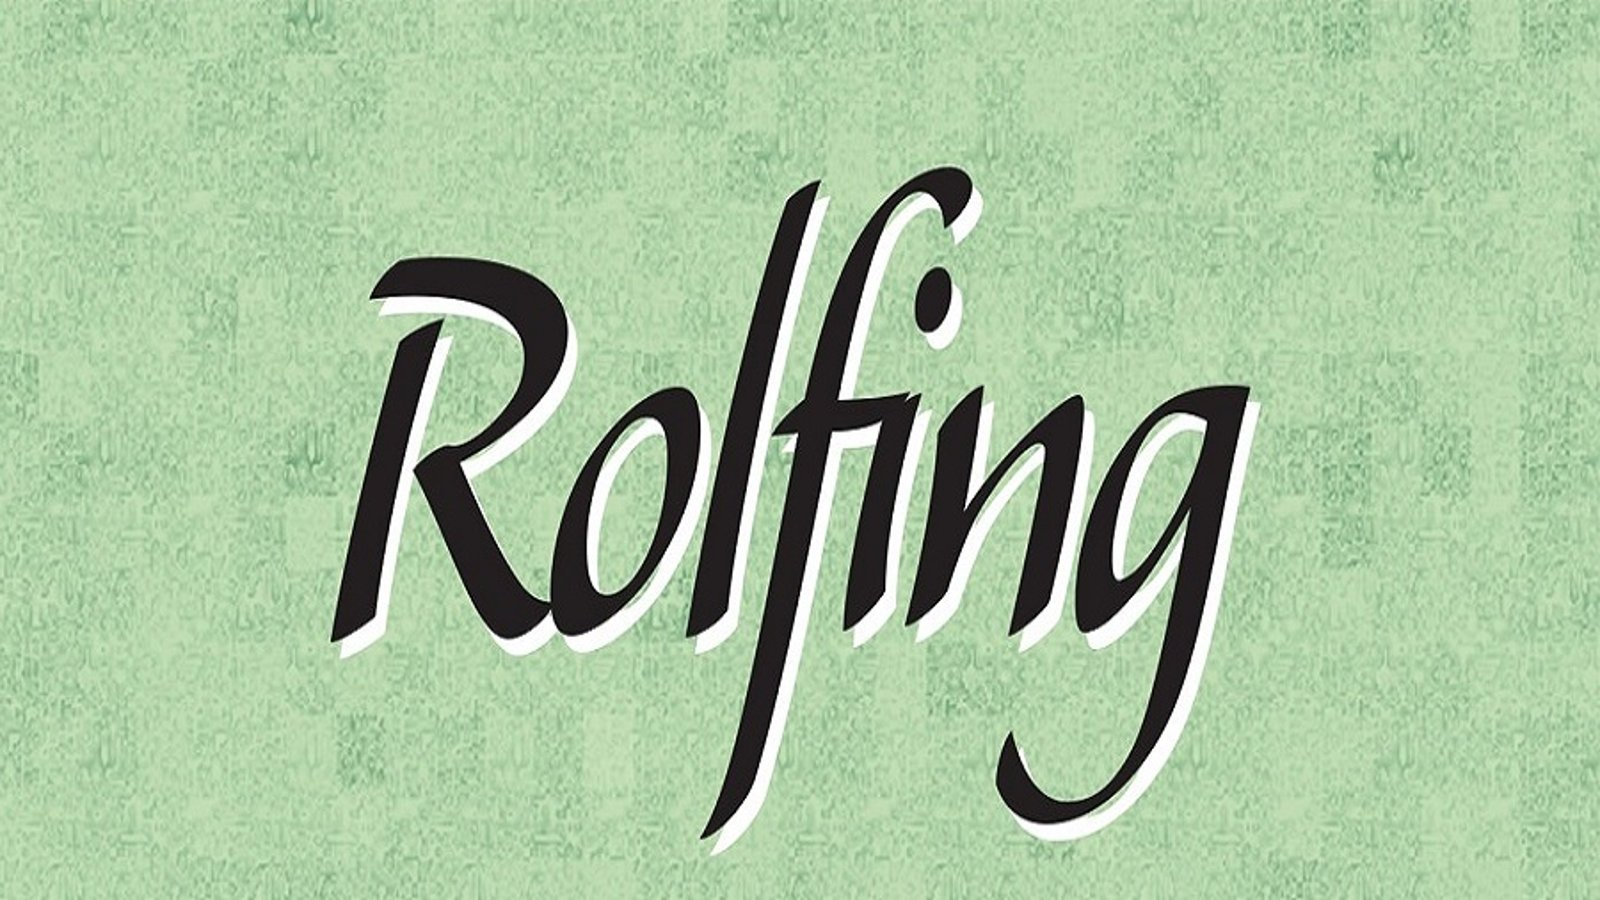 Rolfing